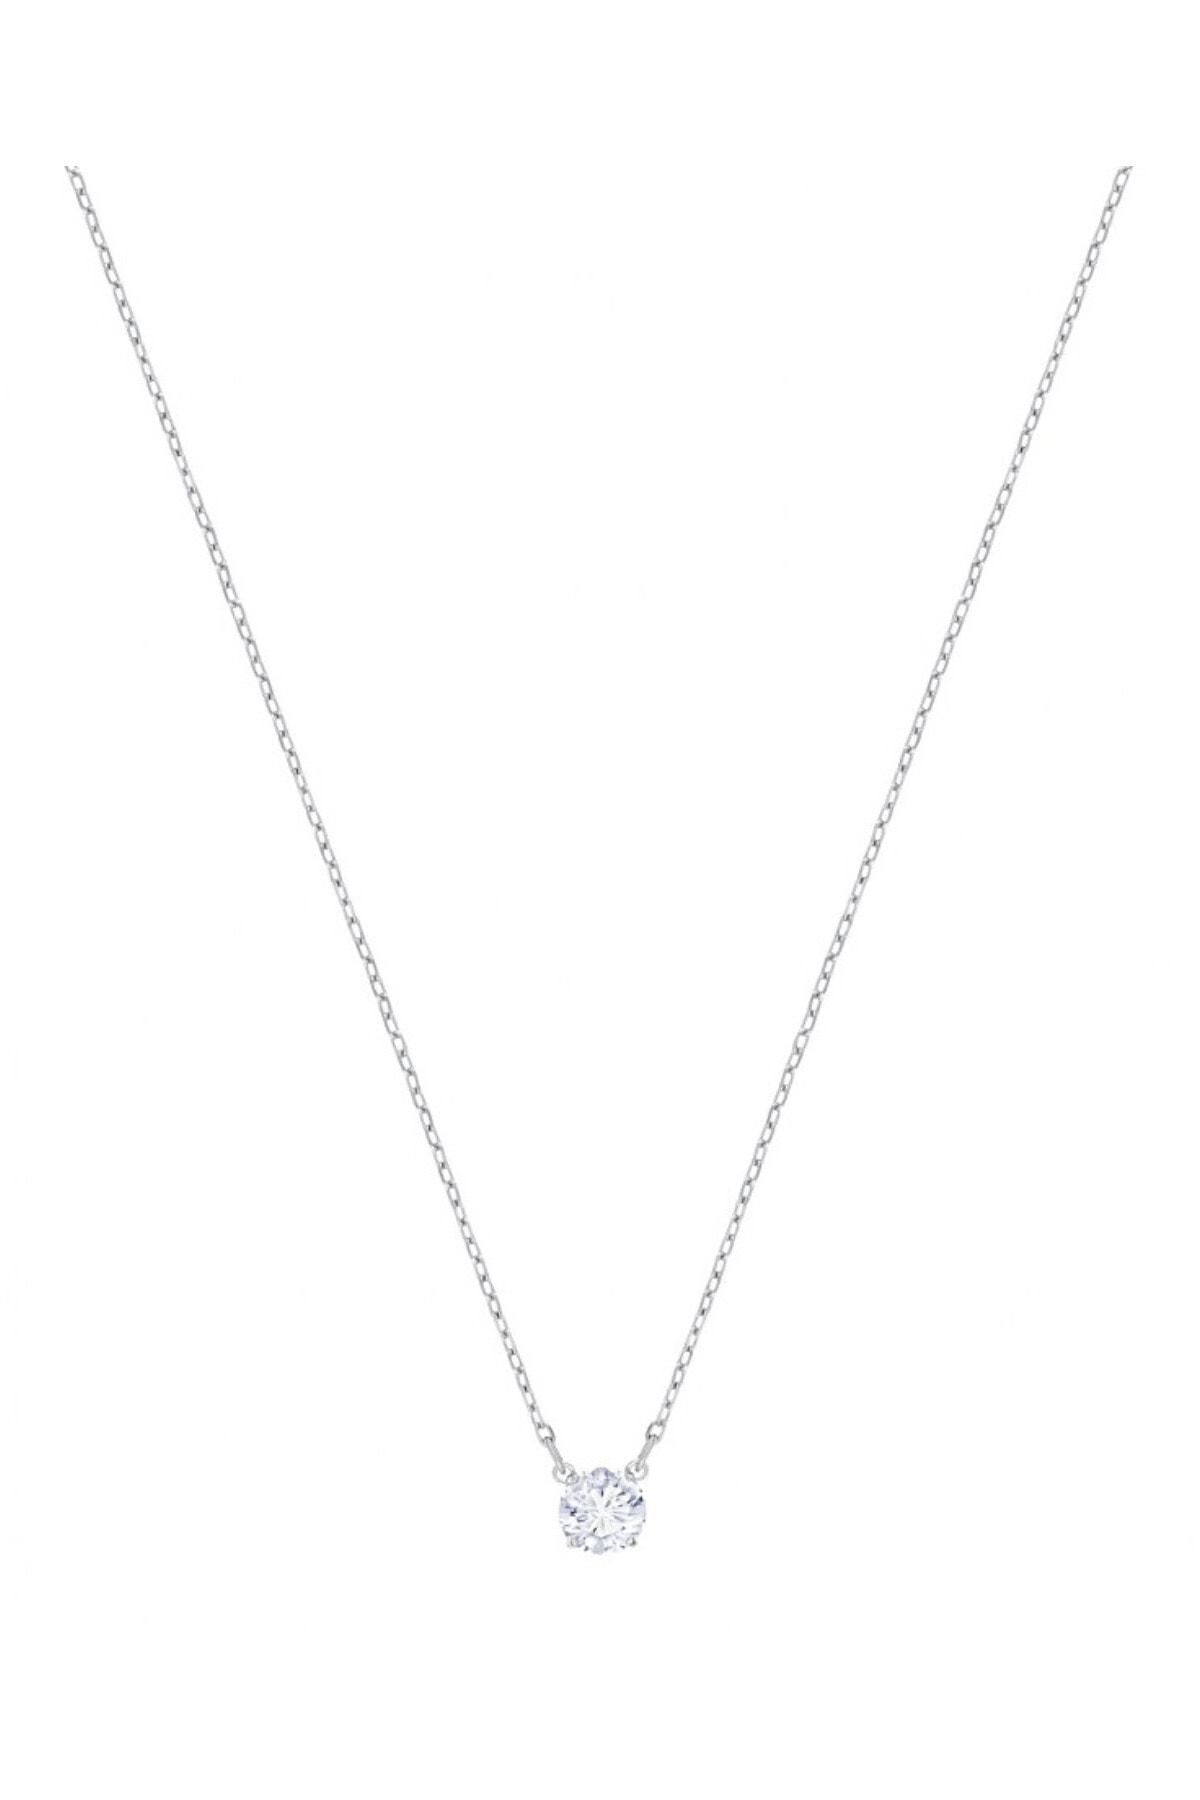 Swarovski Kadın Kolye Attract:Necklace Rnd Czwh/Rhs 5408442 1